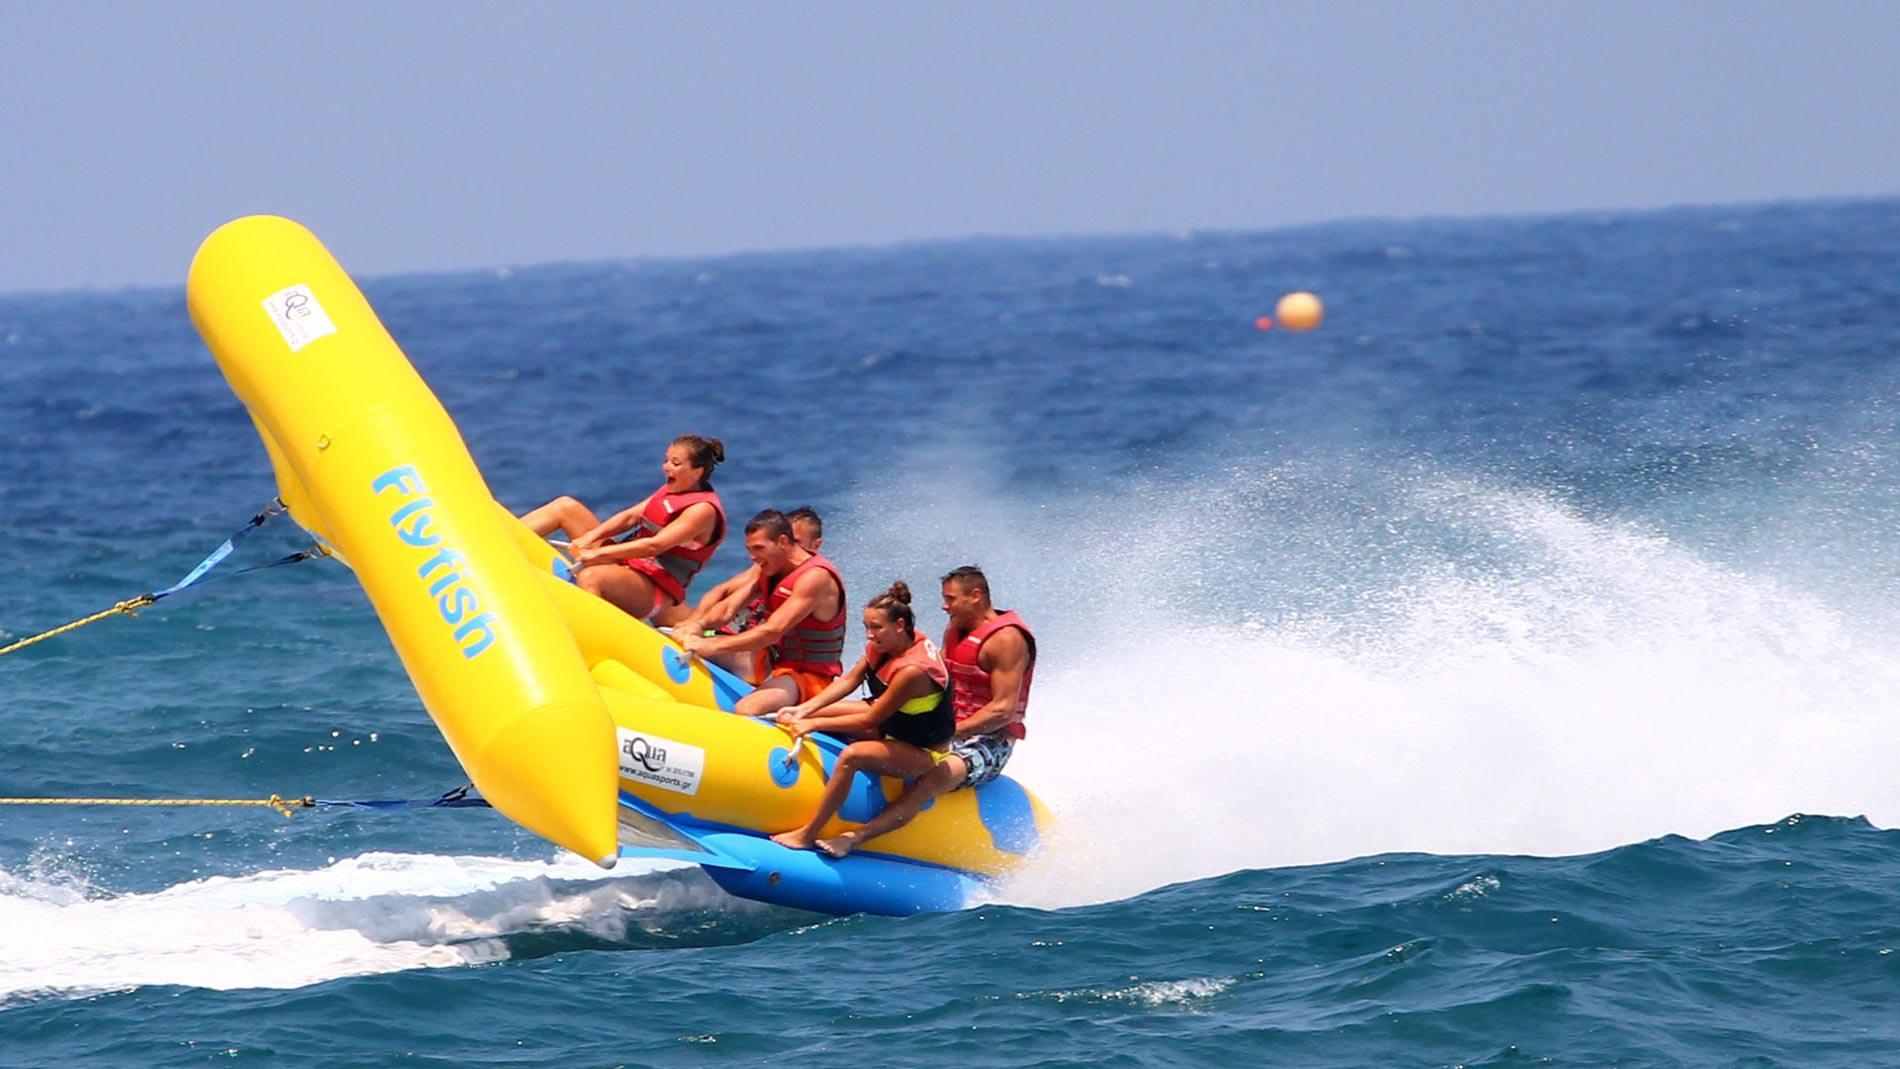 dassia-ski-club-Καλοκαιρινά αθλήματα-Θαλάσσια σπορ-Κέρκυρα-fly-fish-Διασκέδαση-Πλάκα-Δασσιά-Θάλασσα-Καλοκαίρι-Παραλία-Ακτή-Αδρεναλίνη-Σκάφος-Ρυμούλκηση-Κύματα-Άθληση-Παρέα-Φίλοι-Οικογένεια-Καλοκαίρι-στην-Κέρκυρα-Διακοπές-Εκδρομή-Ελεύθερος χρόνος-Σπάστε-Πλάκα-Δραστηριότητες